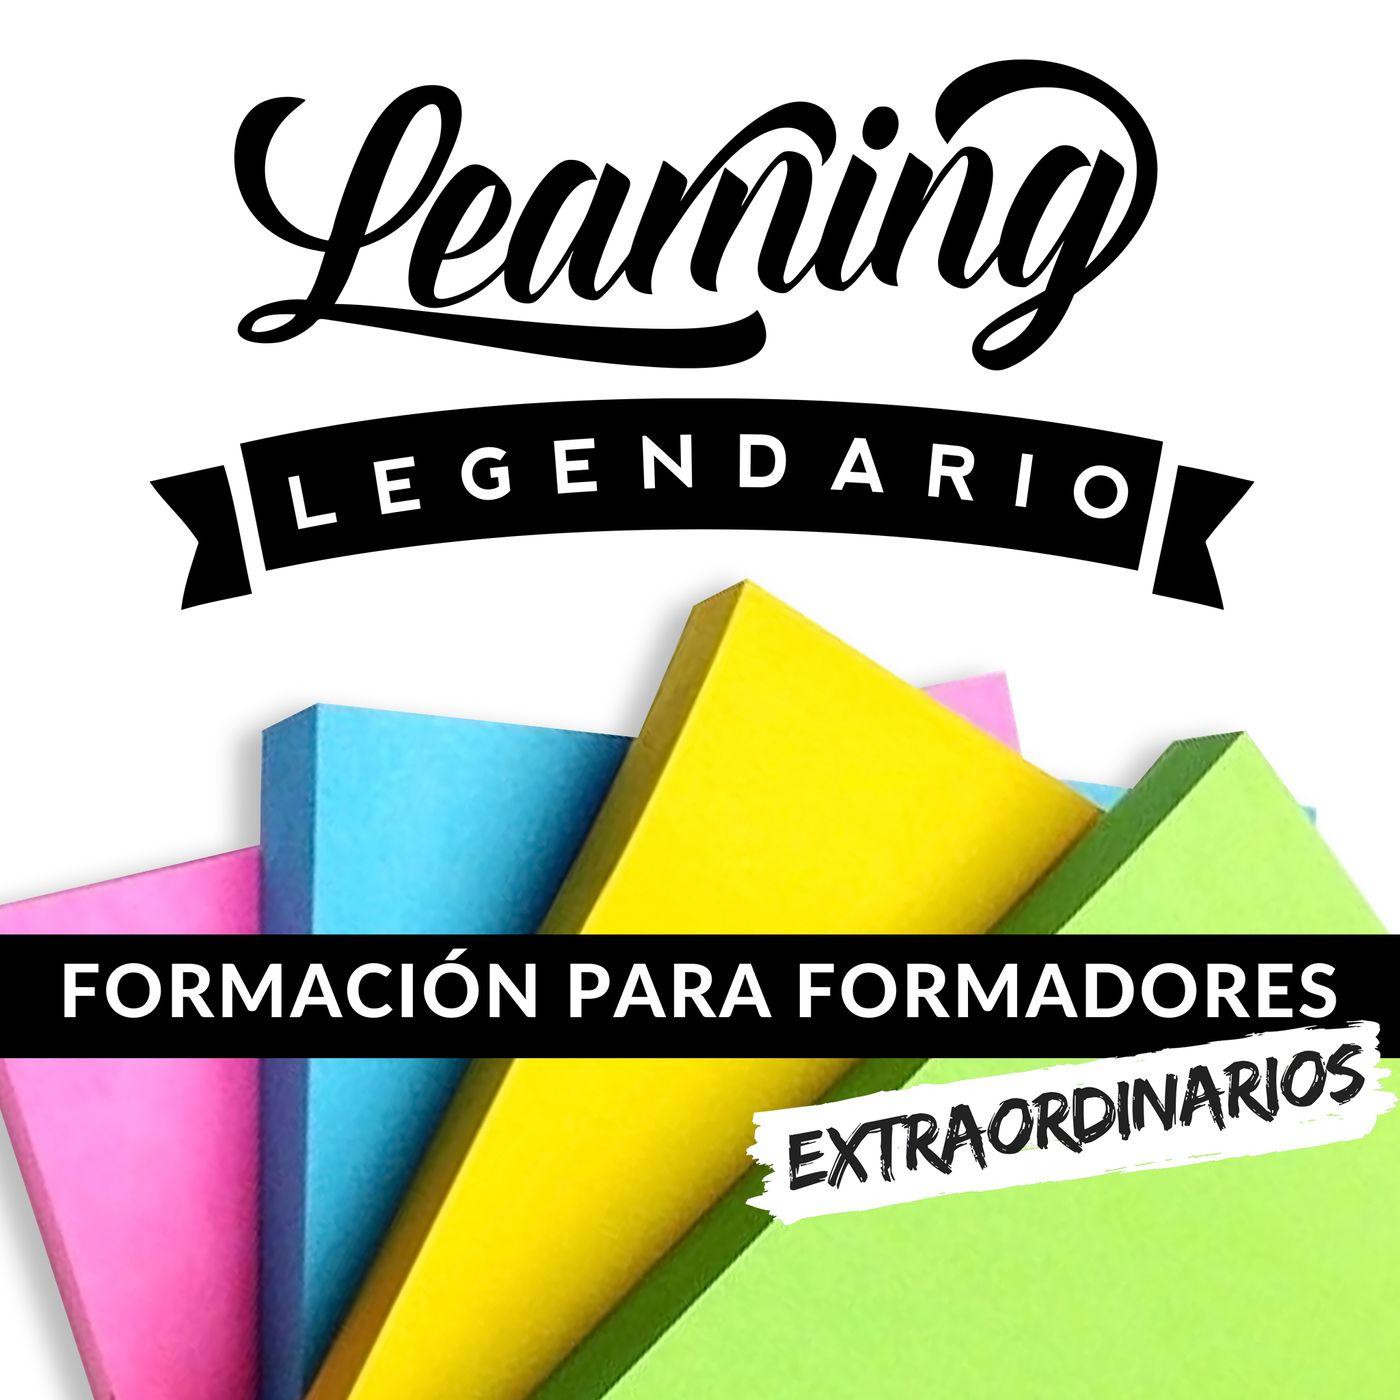 Learning Legendario   Formación para formadores extraordinarios